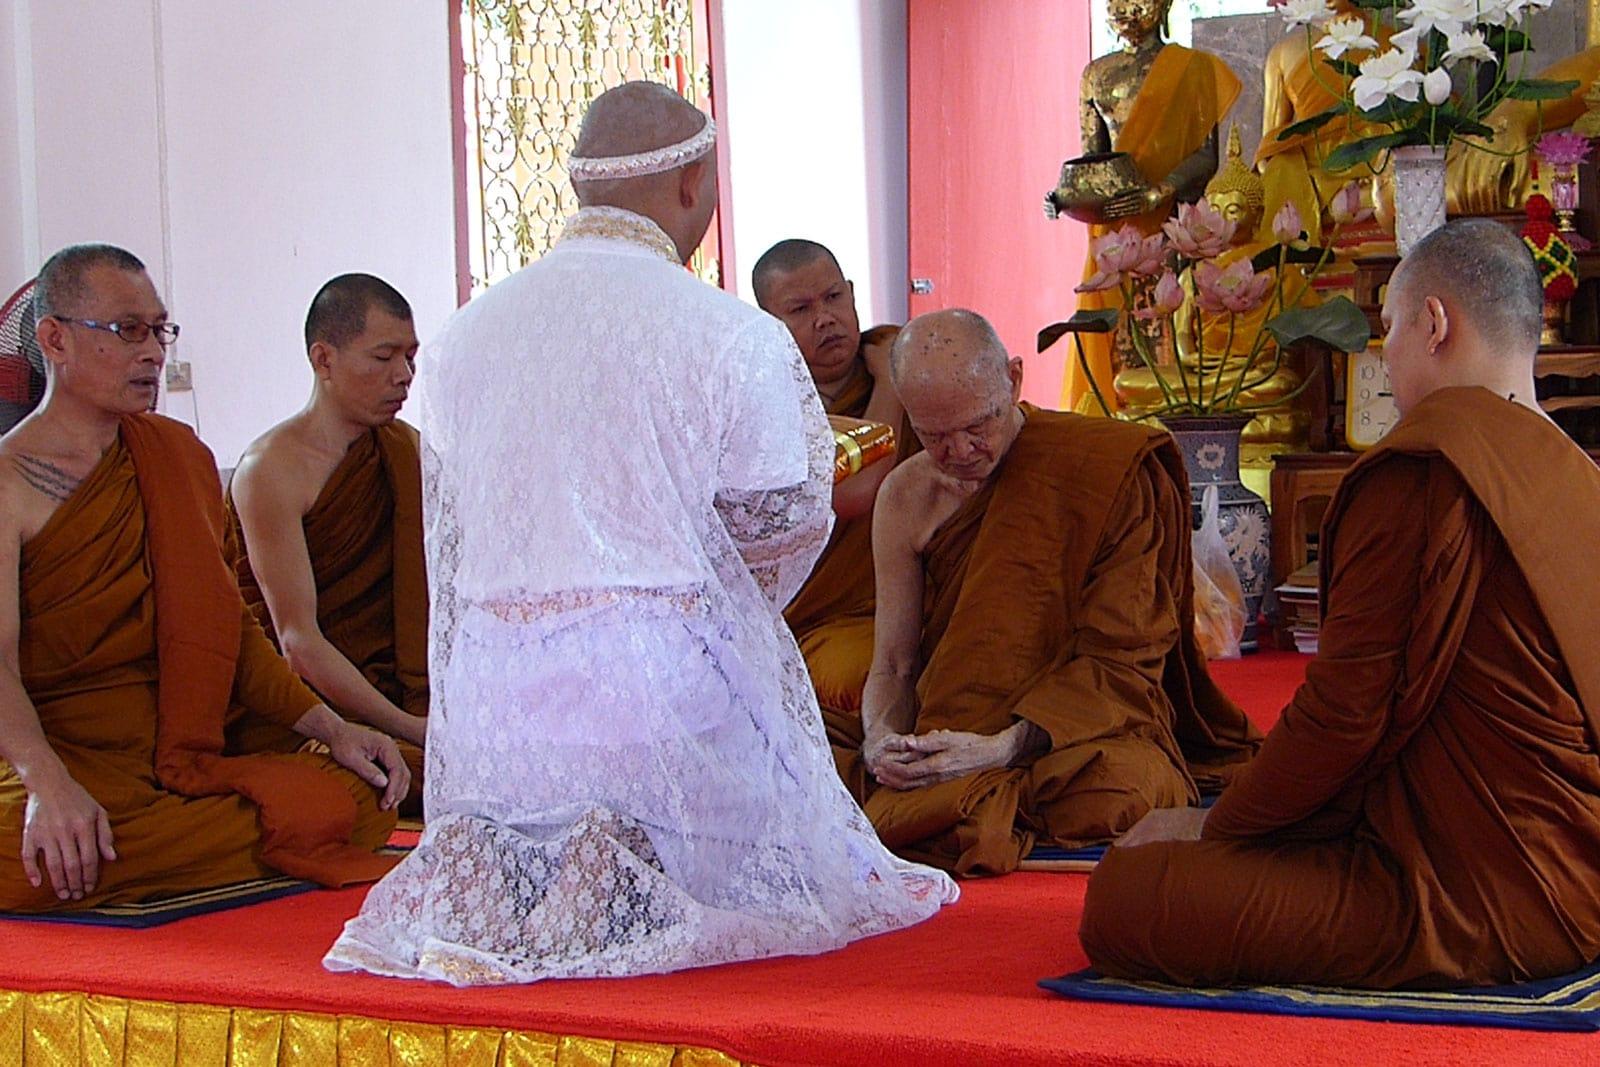 Ben mit den Mönchen